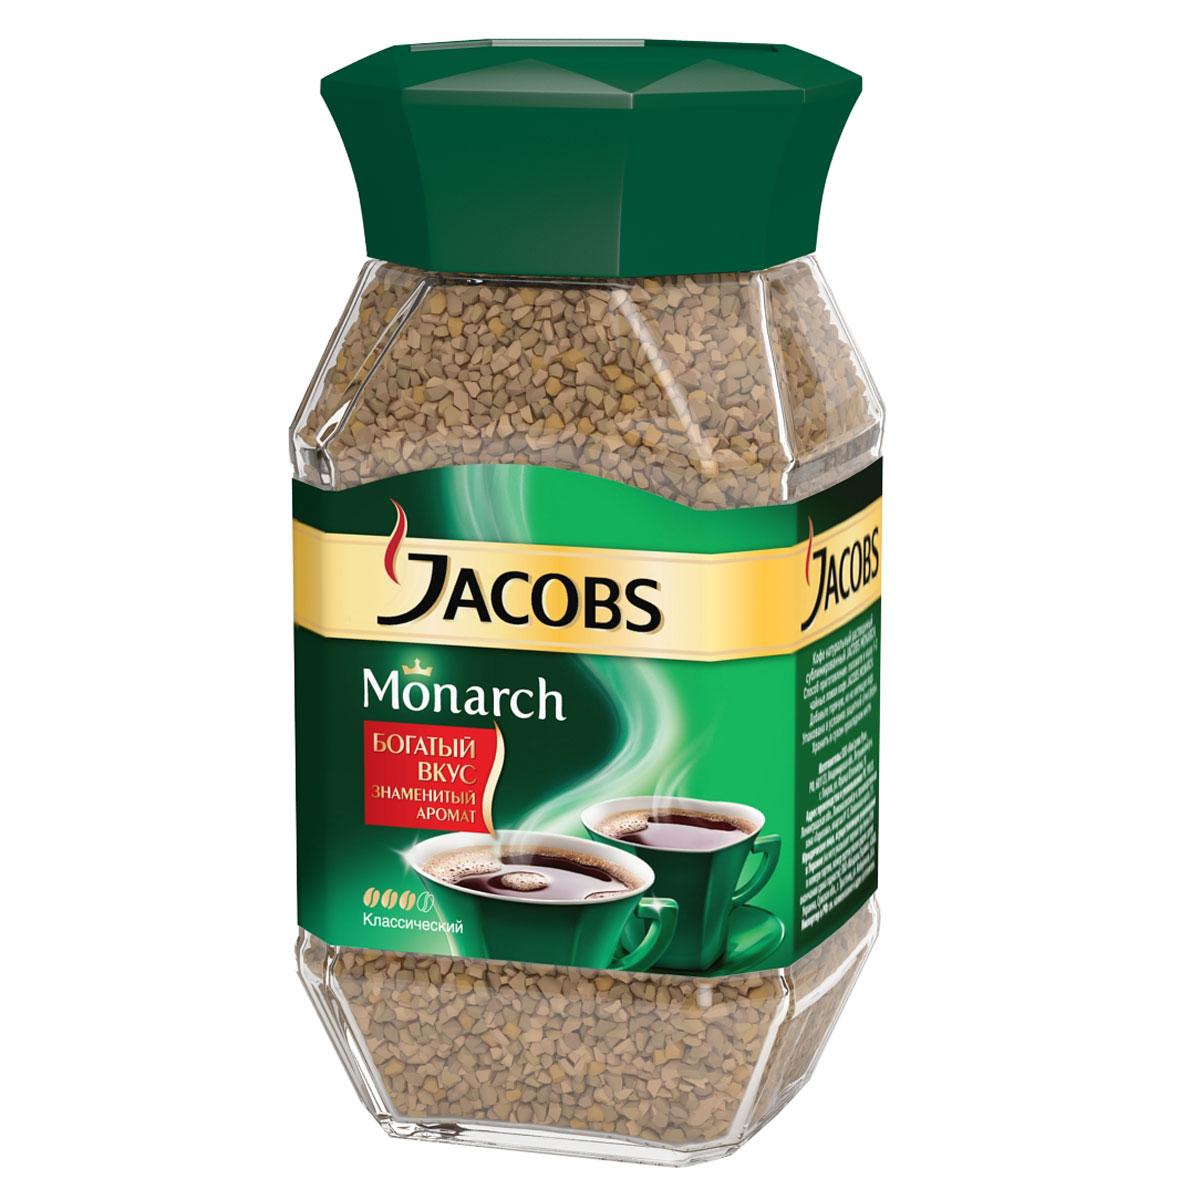 Jacobs Monarch кофе растворимый, 190 г960970В благородной теплоте тщательно обжаренных зерен скрывается секрет подлинной крепости и притягательного аромата кофе Jacobs Monarch. Заварите чашку кофе Jacobs Monarch, и вы сразу почувствуете, как его уникальный притягательный аромат окружит вас и создаст особую атмосферу для теплого общения с вашими близкими. Так рождается неповторимая атмосфера Аромагии кофе Jacobs Monarch.